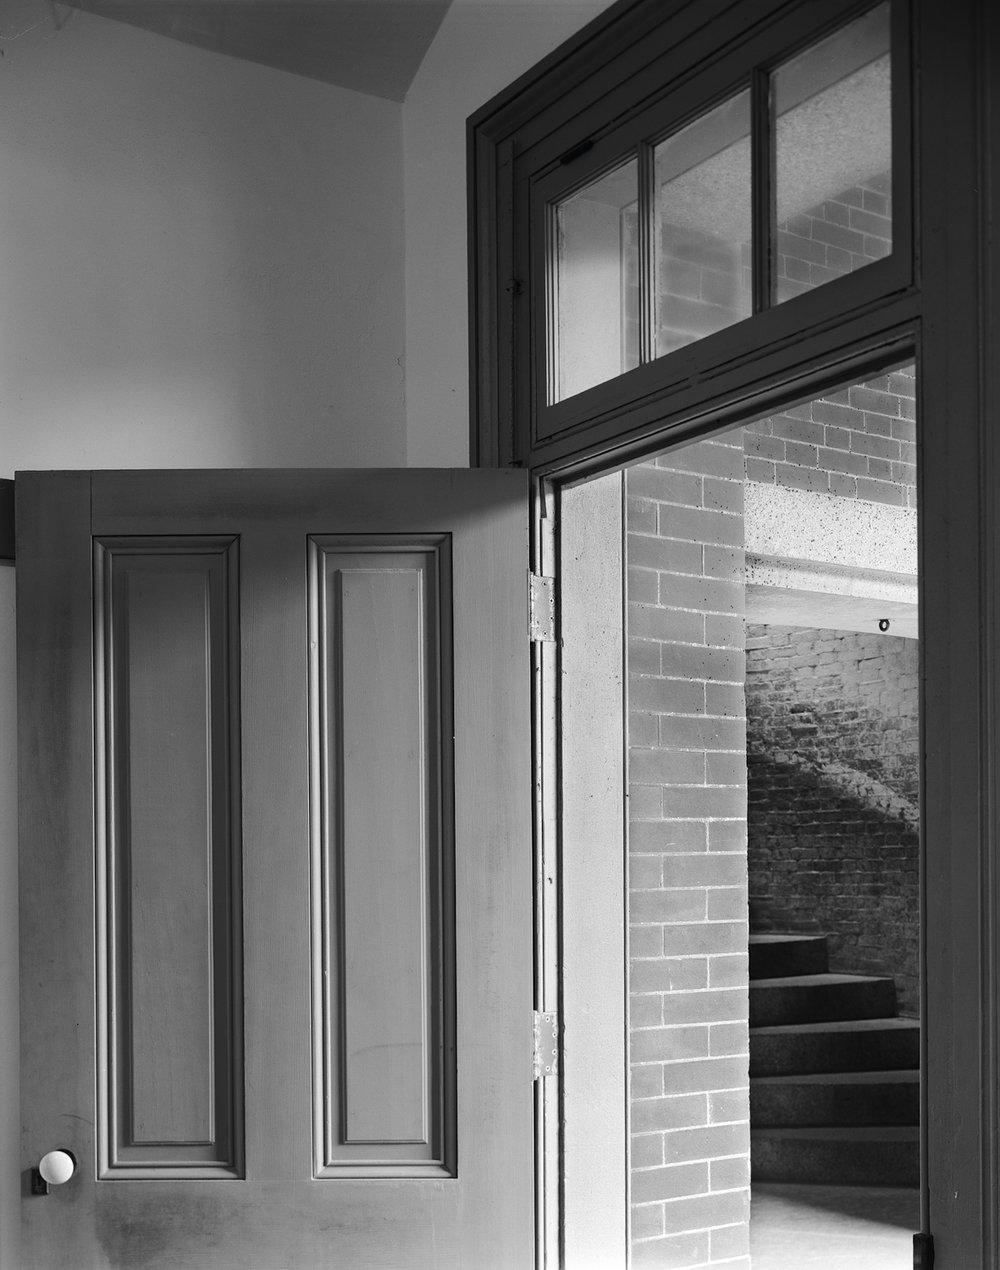 161010 Door Stairs f22*1 min N-1 8x6 Print File.jpg